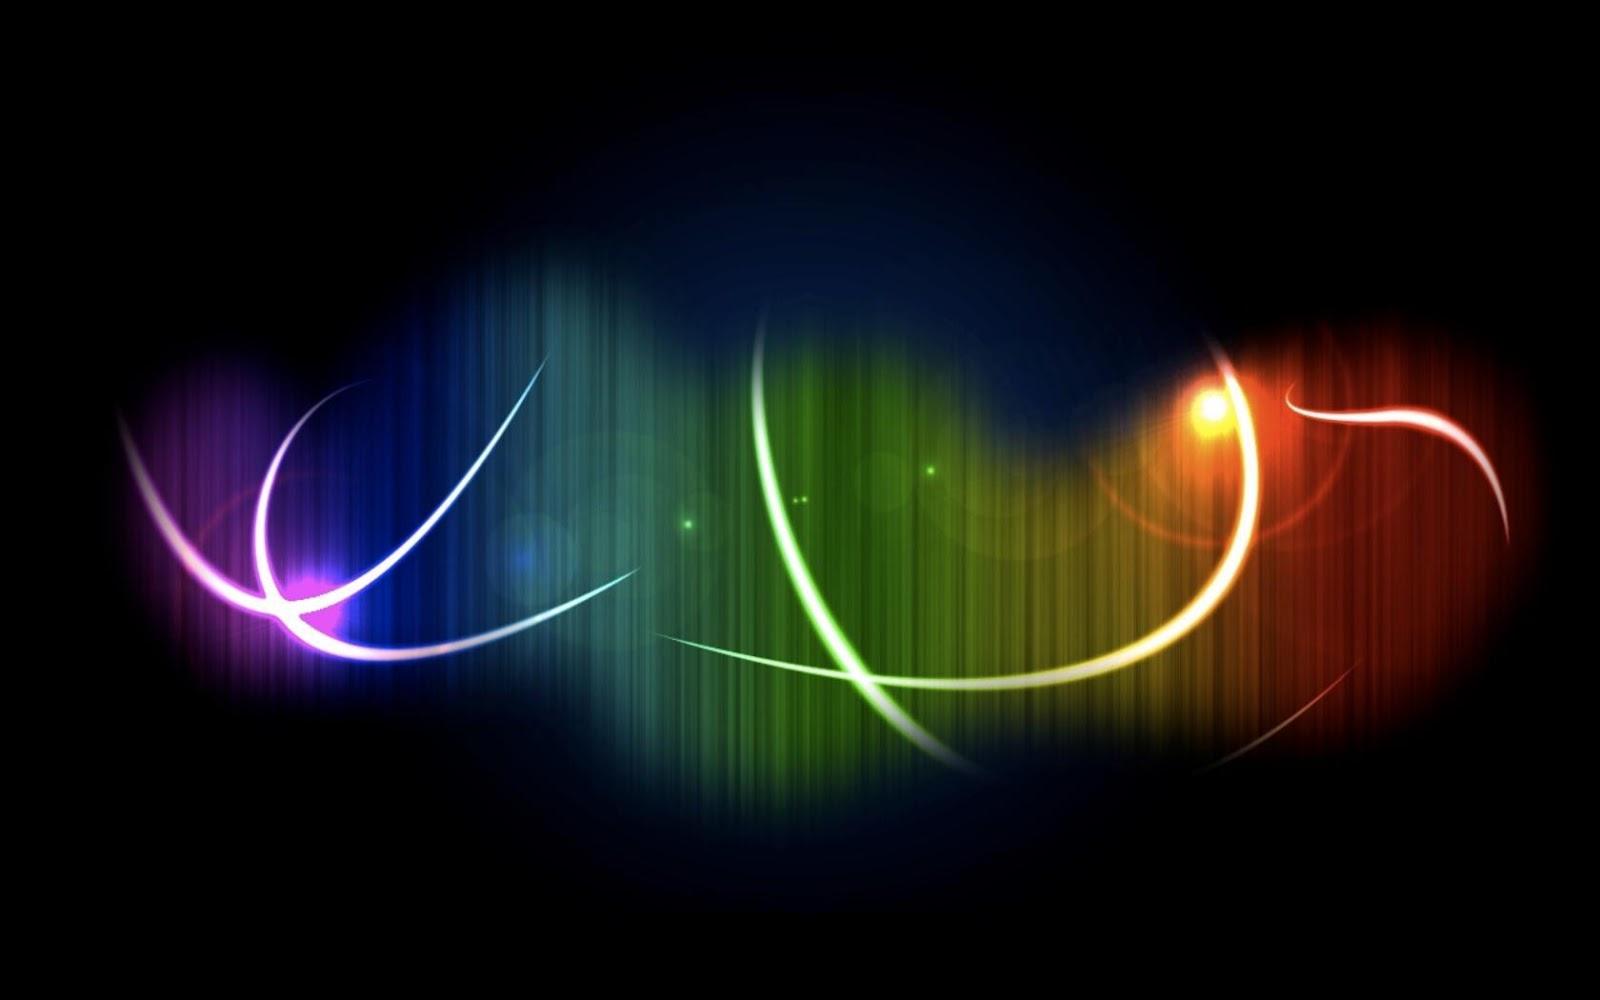 Pz c fondos de colores for Fondos de pantalla full hd colores